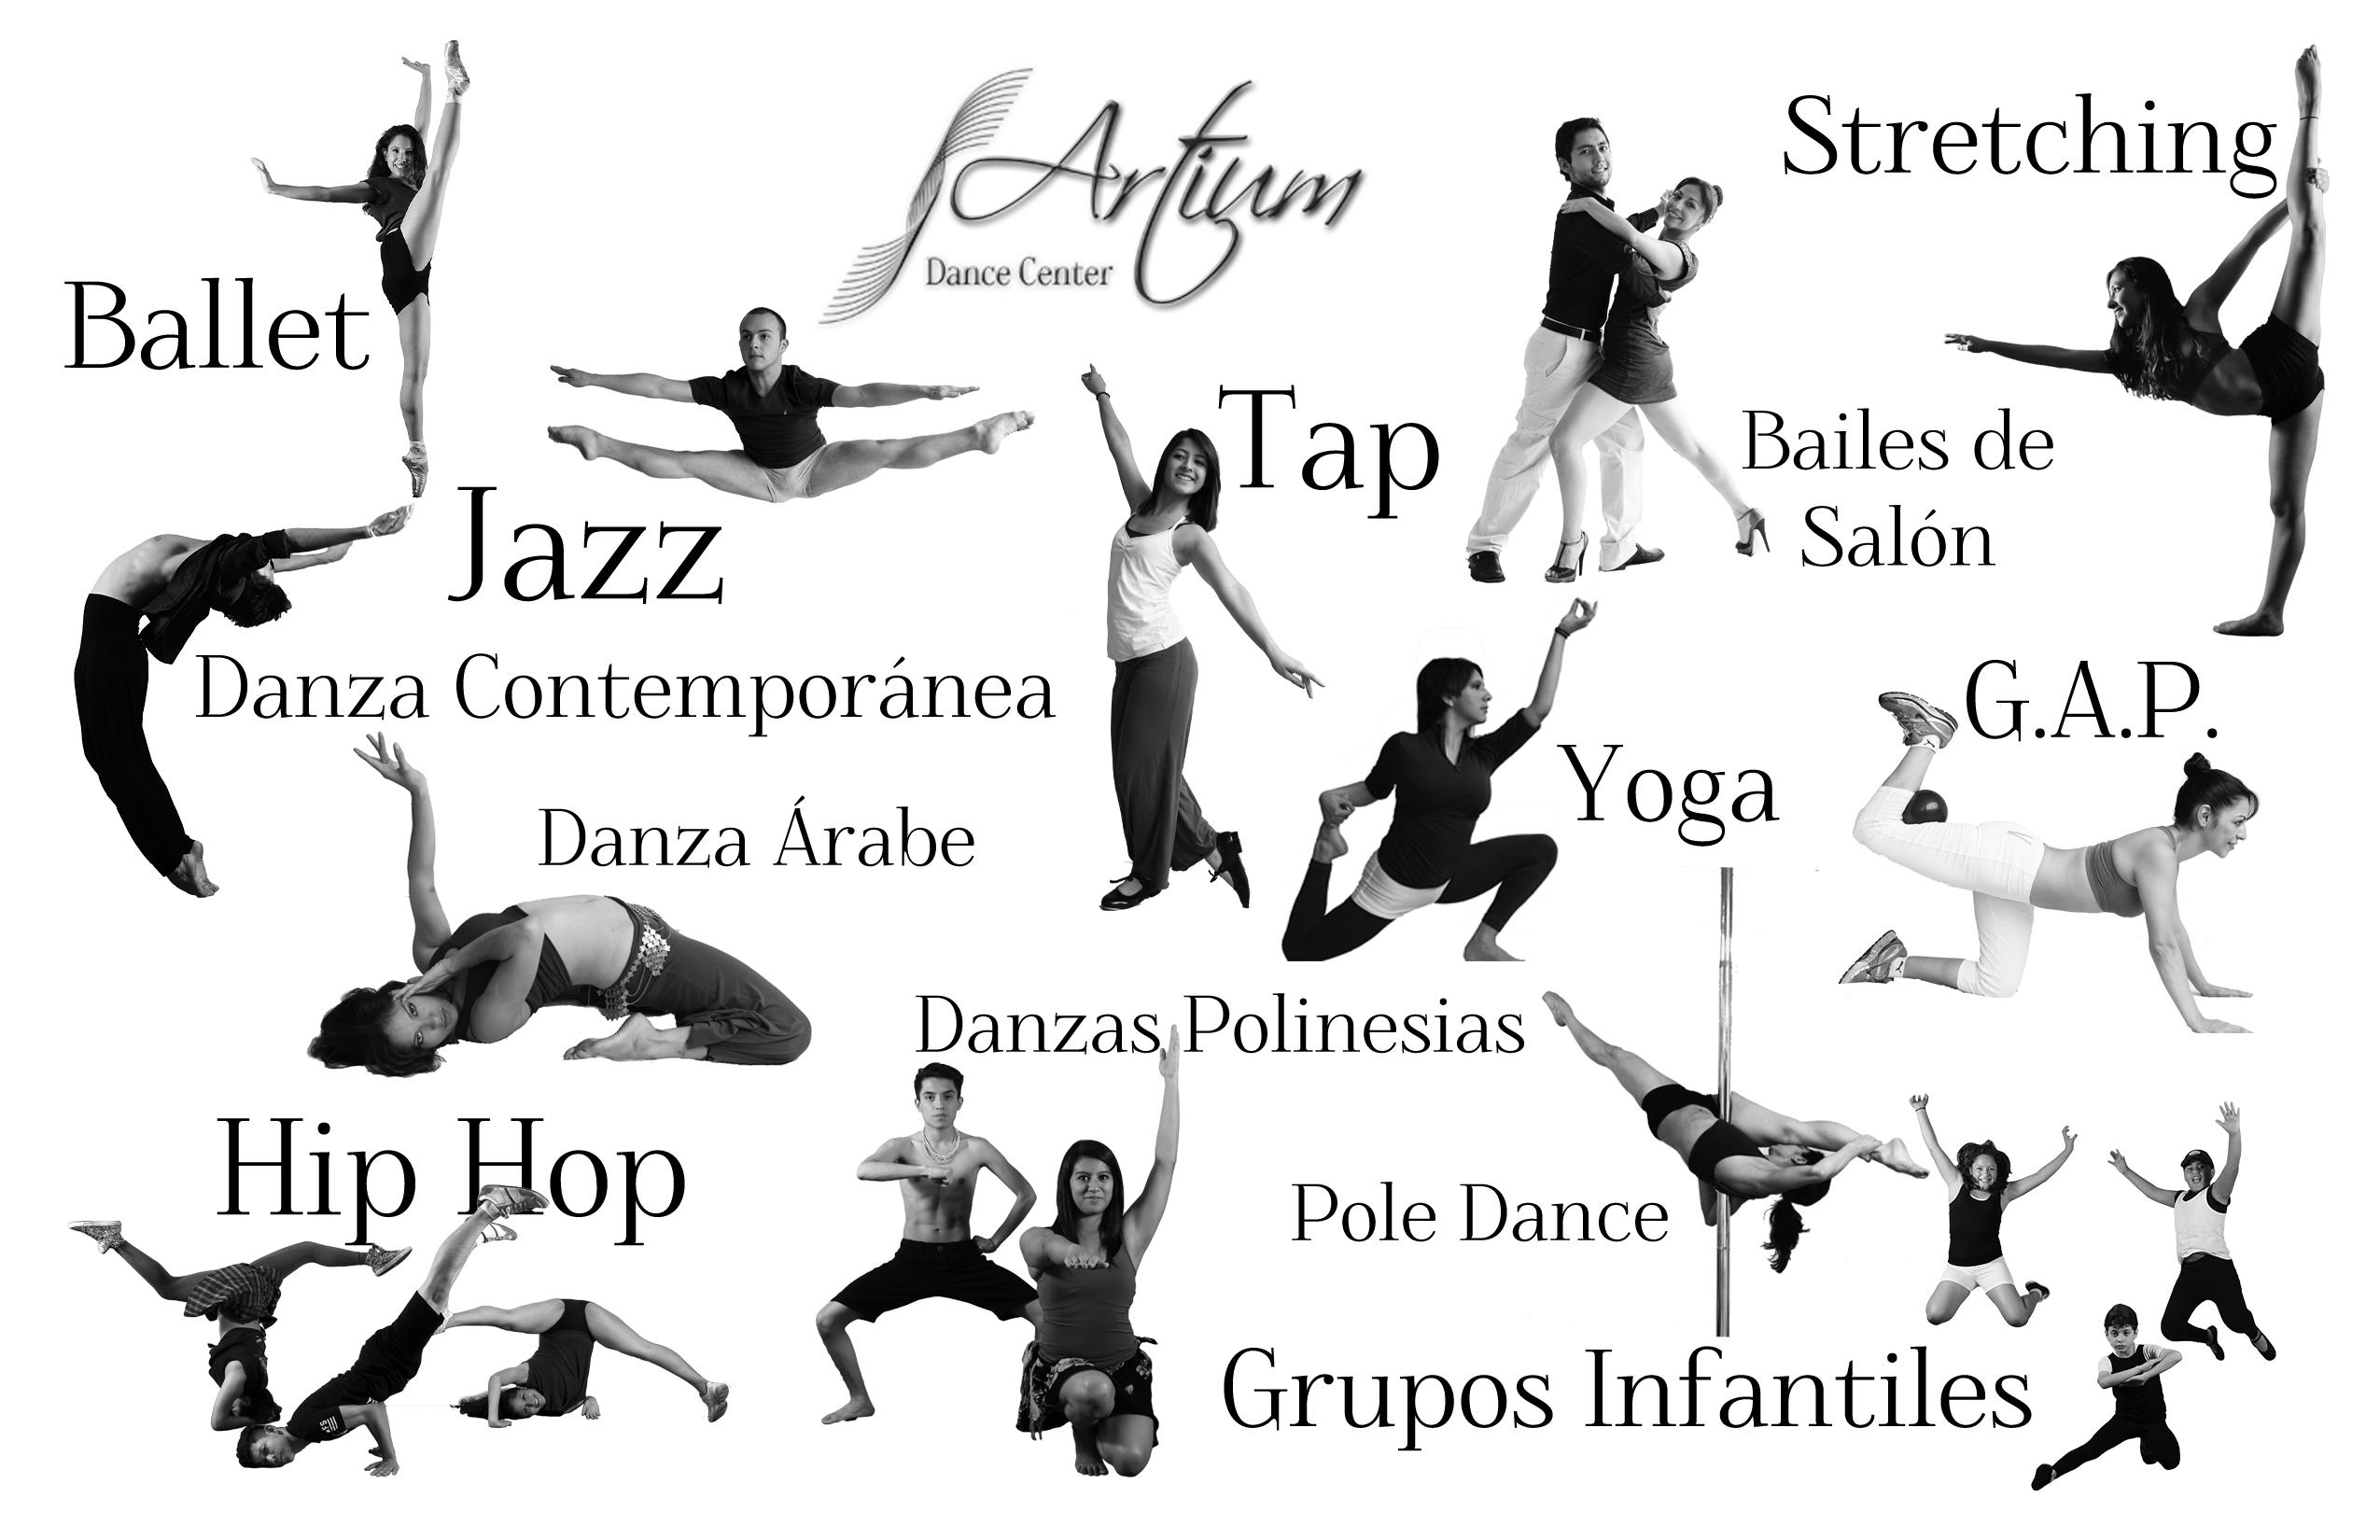 Artium Dance Center